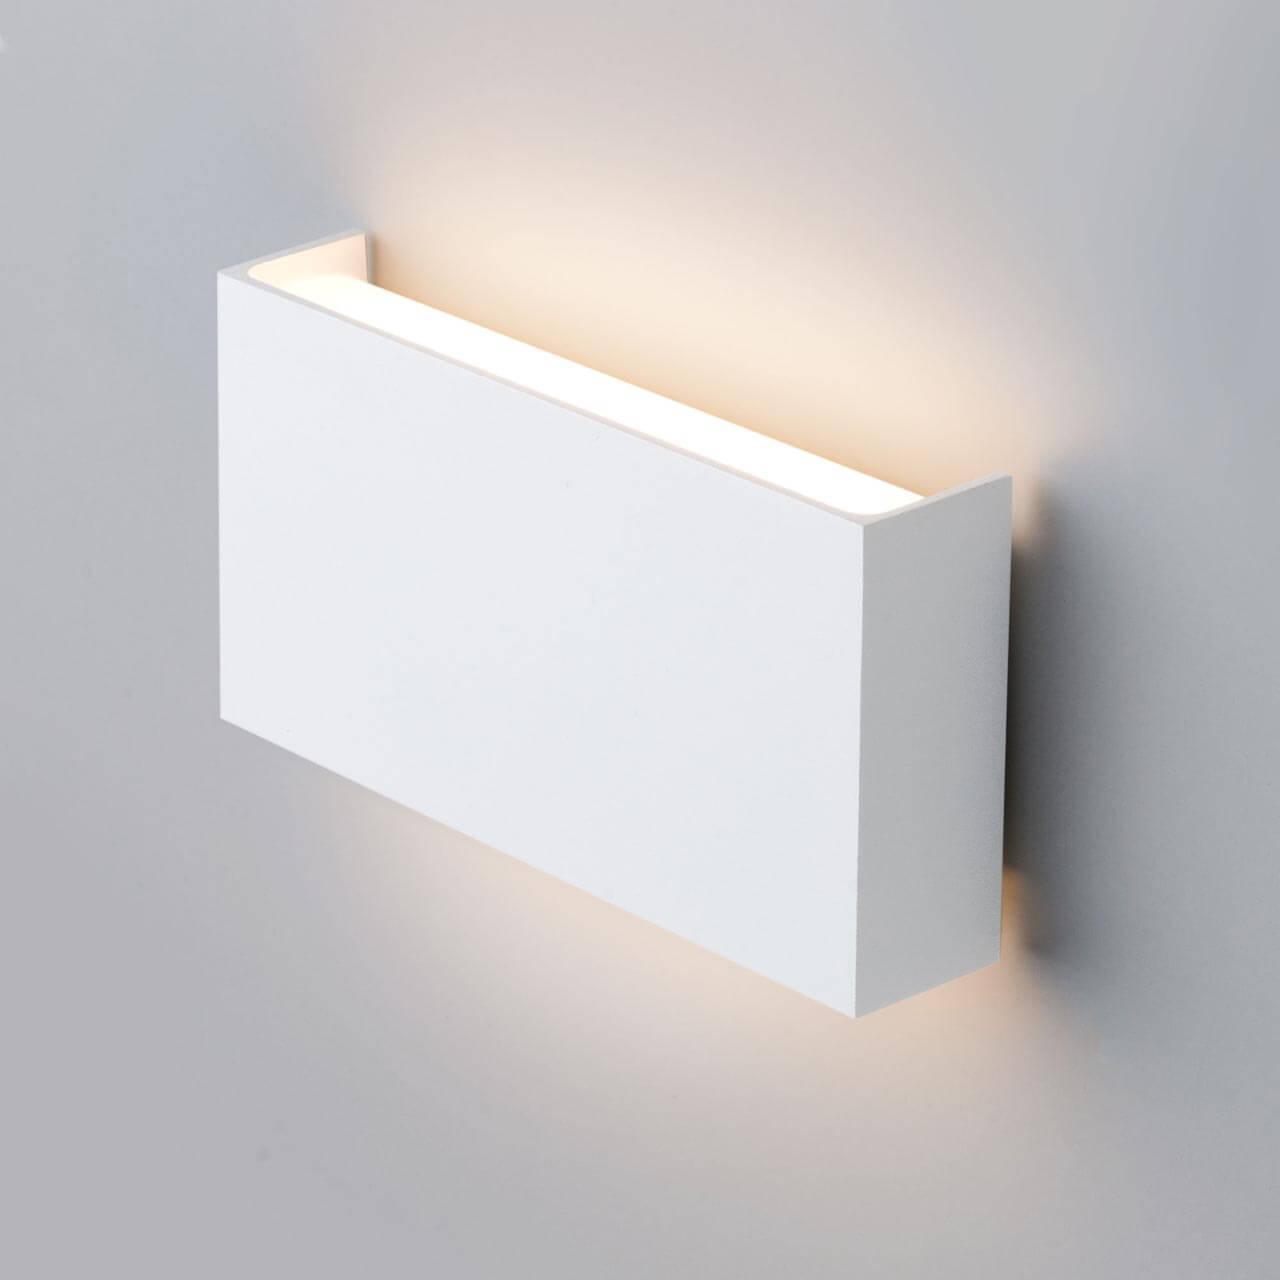 Уличный светильник Elektrostandard 4690389117152, LED уличный настенный светодиодный светильник elektrostandard 4690389086137